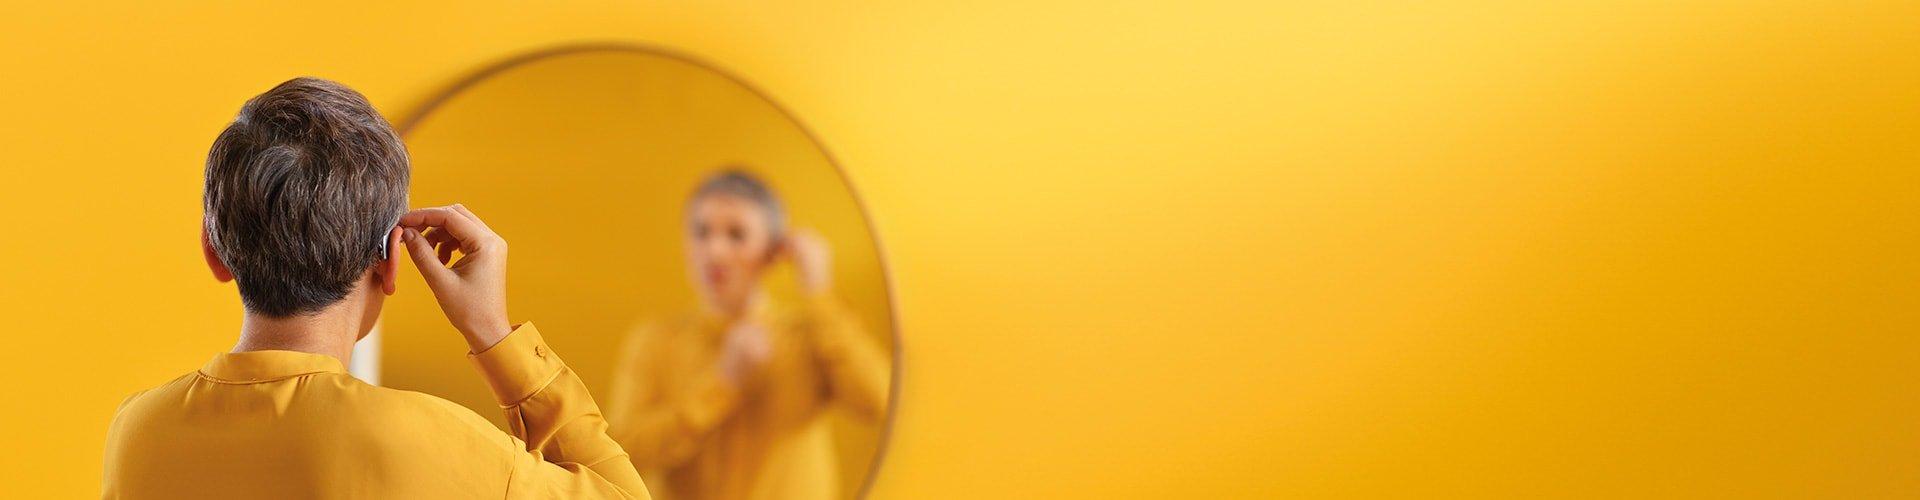 フィリップス補聴器を装用する女性。フィリップス ヒアリンク補聴器には、お勧めのスタイルが豊富に揃っています。